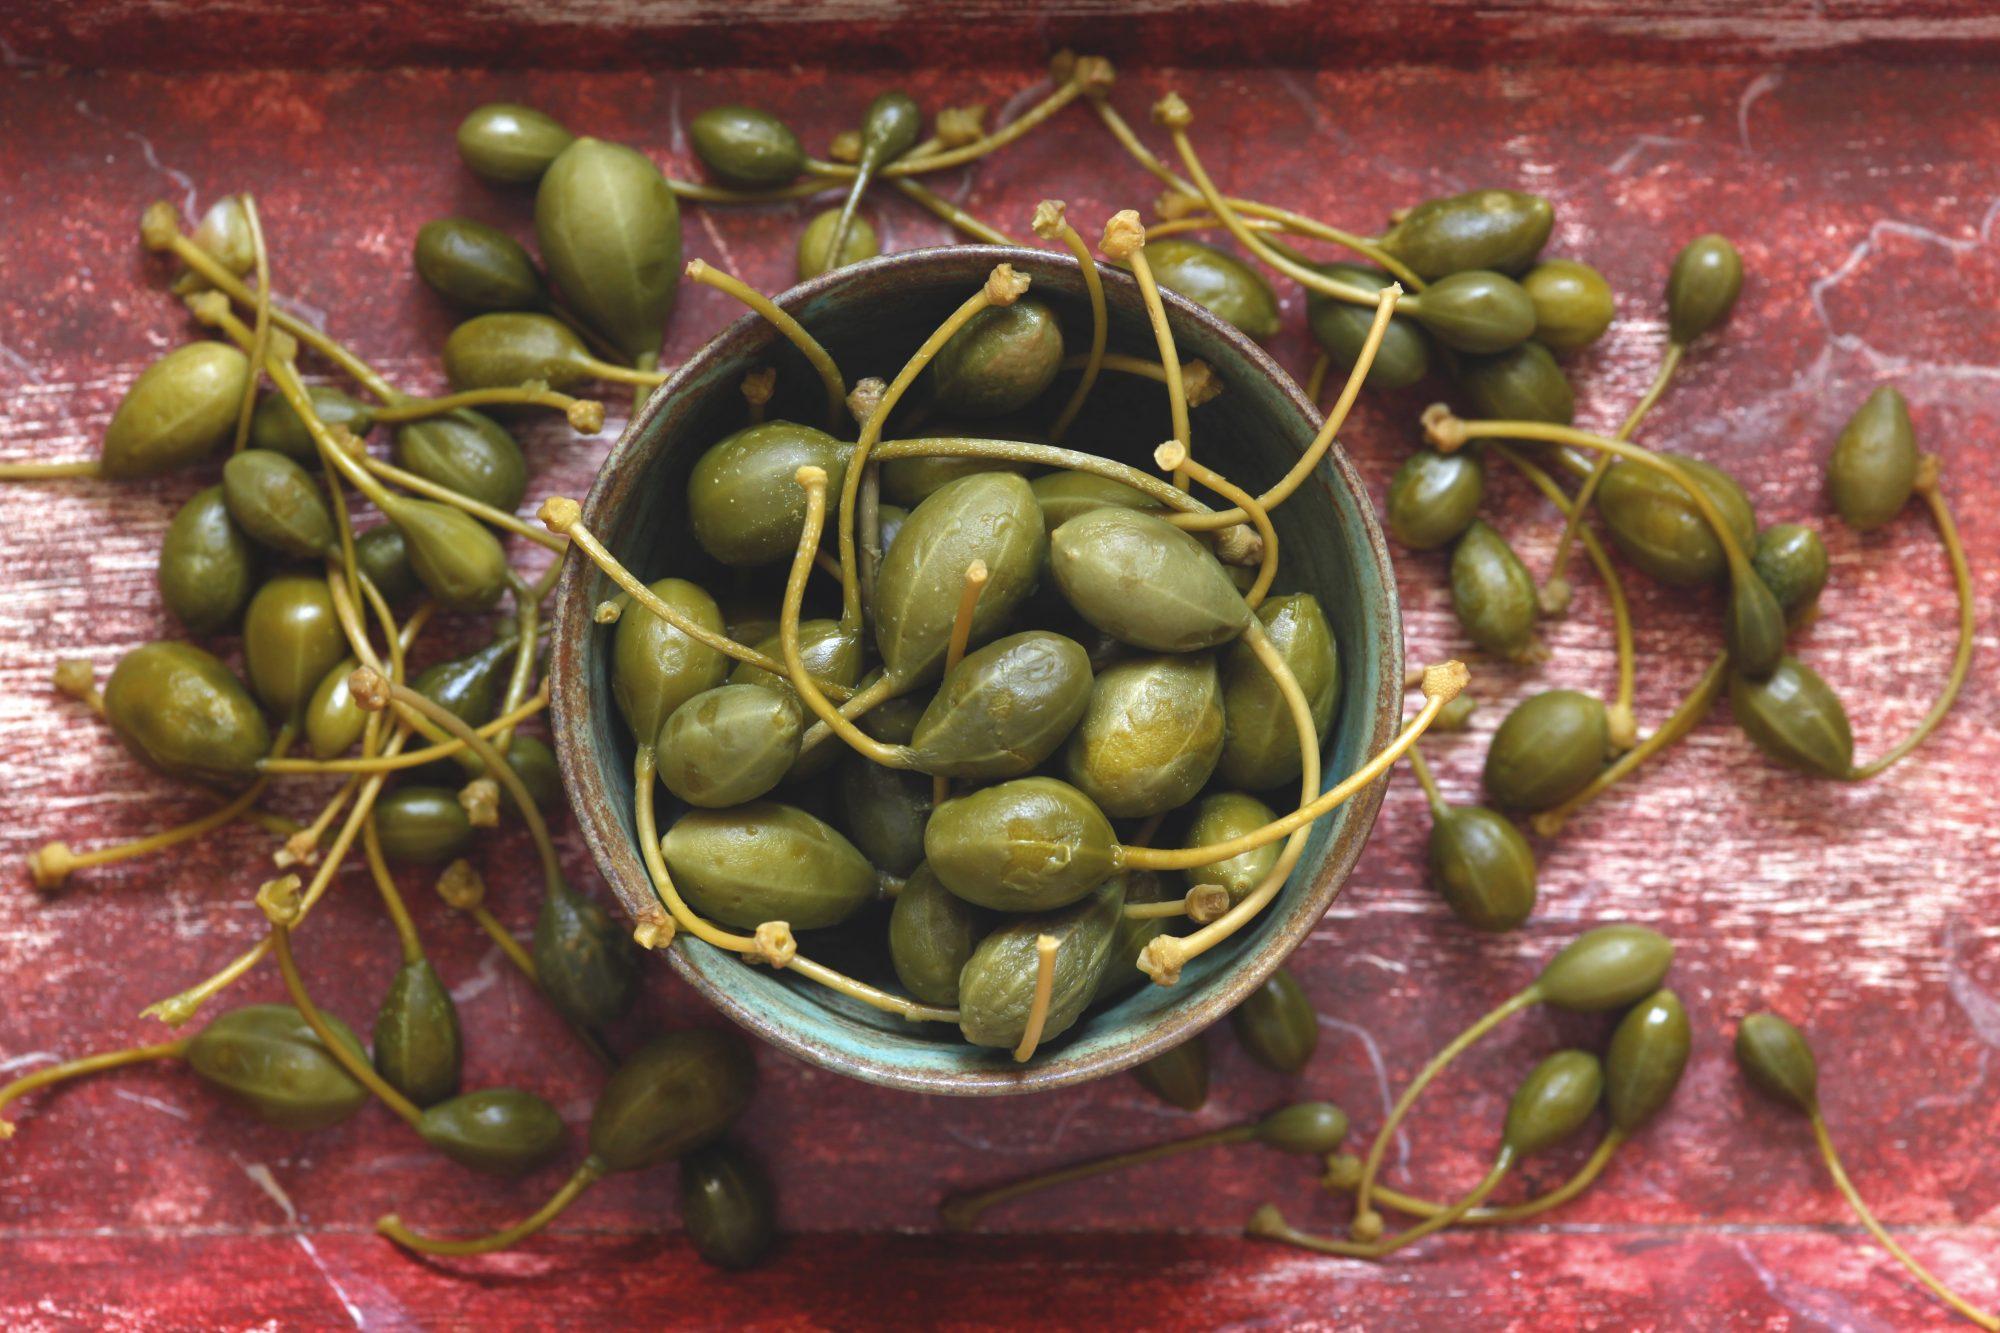 Caper Berries Getty 10/25/19